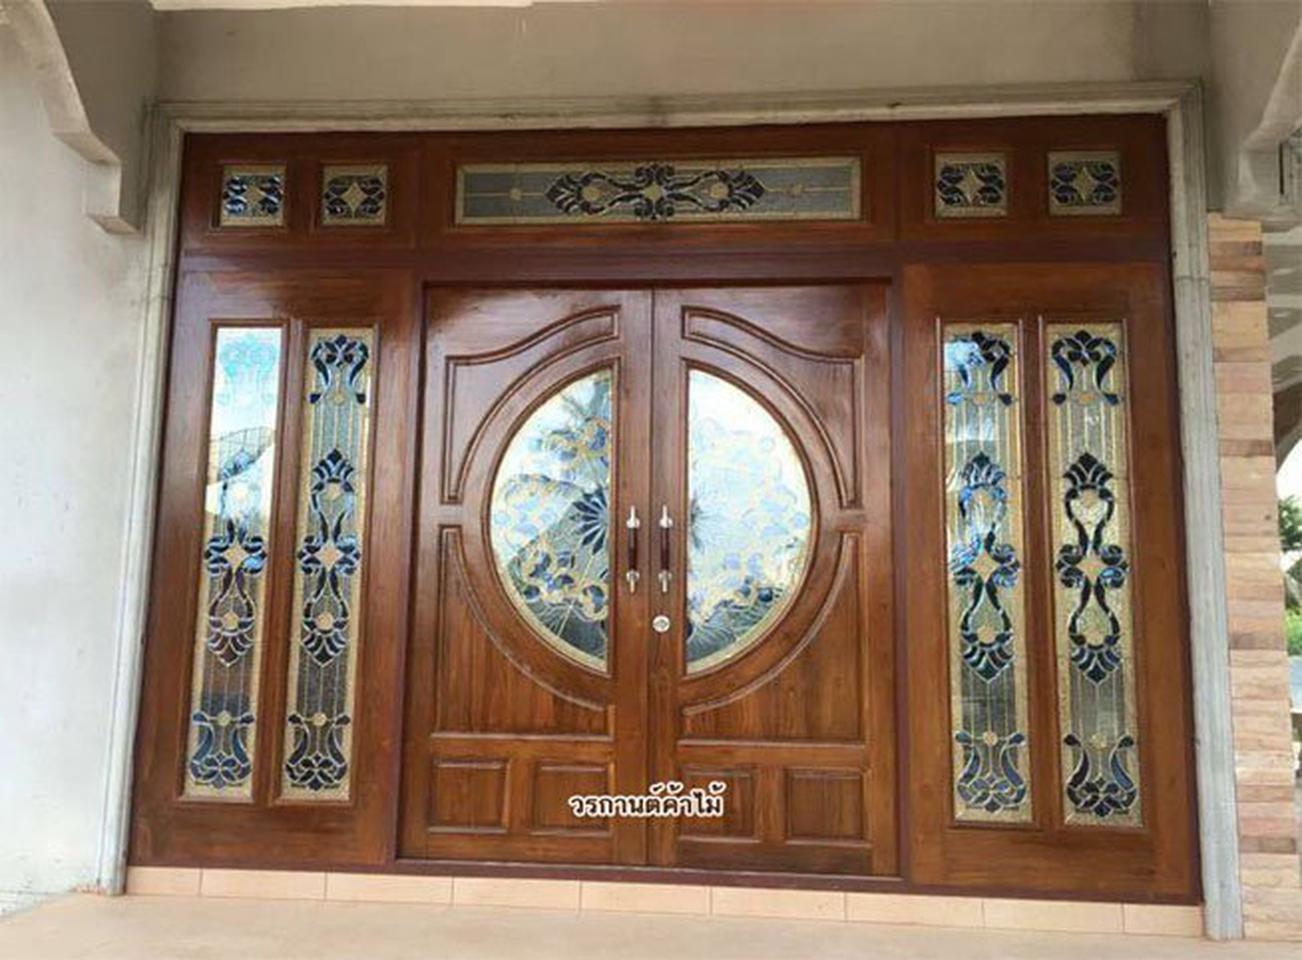 ประตูไม้สักกระจกนิรภัย , ประตูไม้สักบานคู่ ร้านวรกานต์ค้าไม้ door-woodhome.com รูปที่ 4